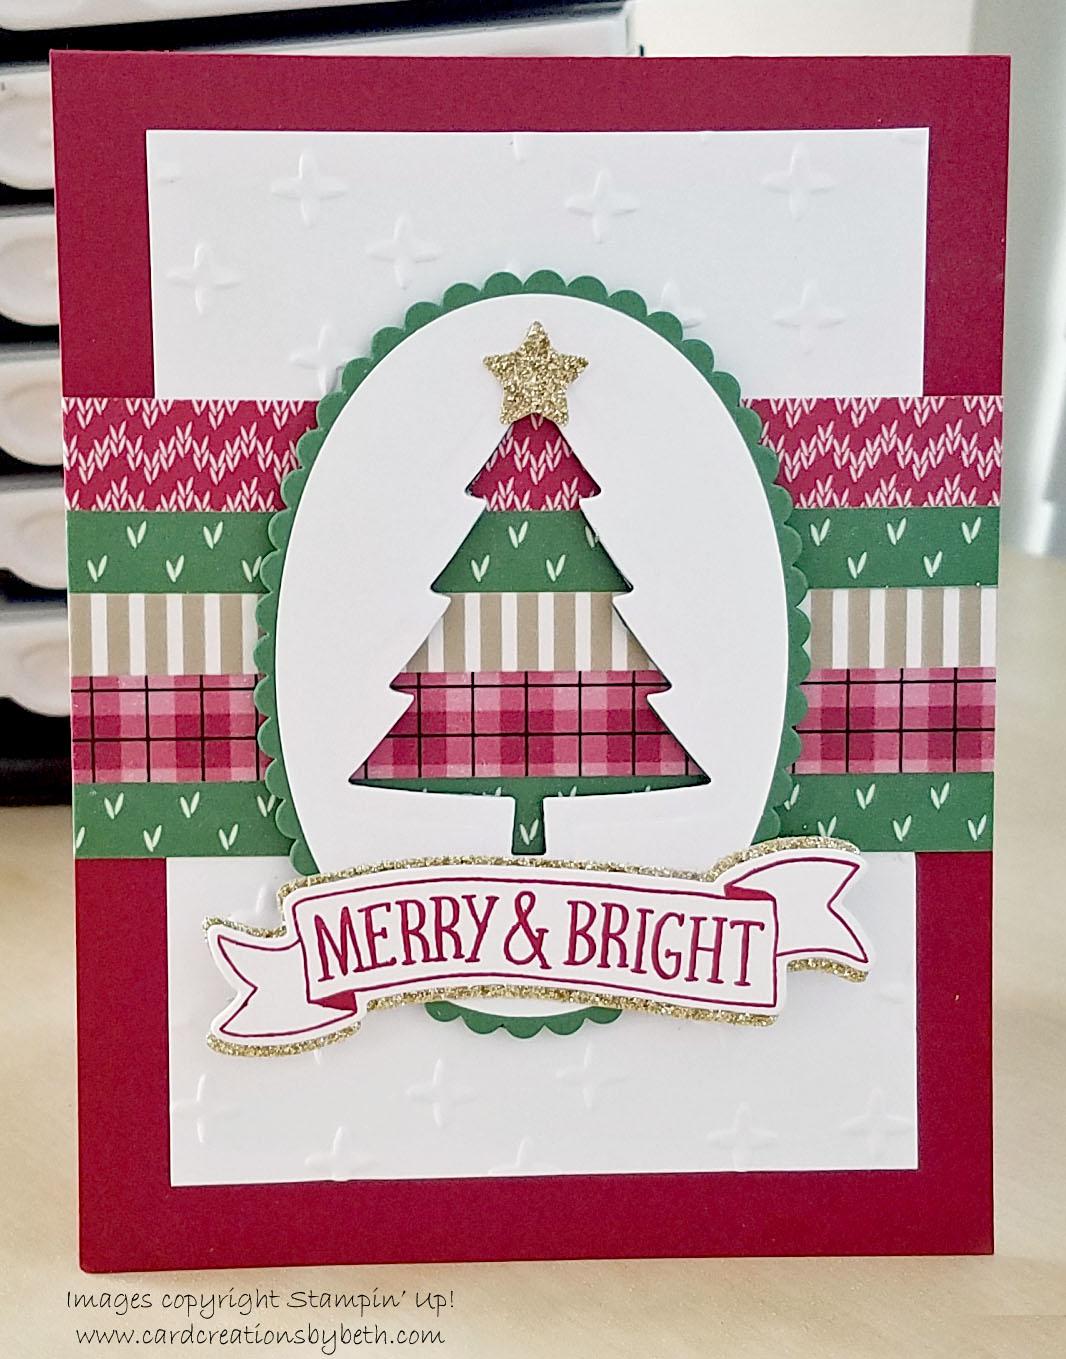 12 DIY Christmas Card Ideas - Easy Homemade Christmas ...